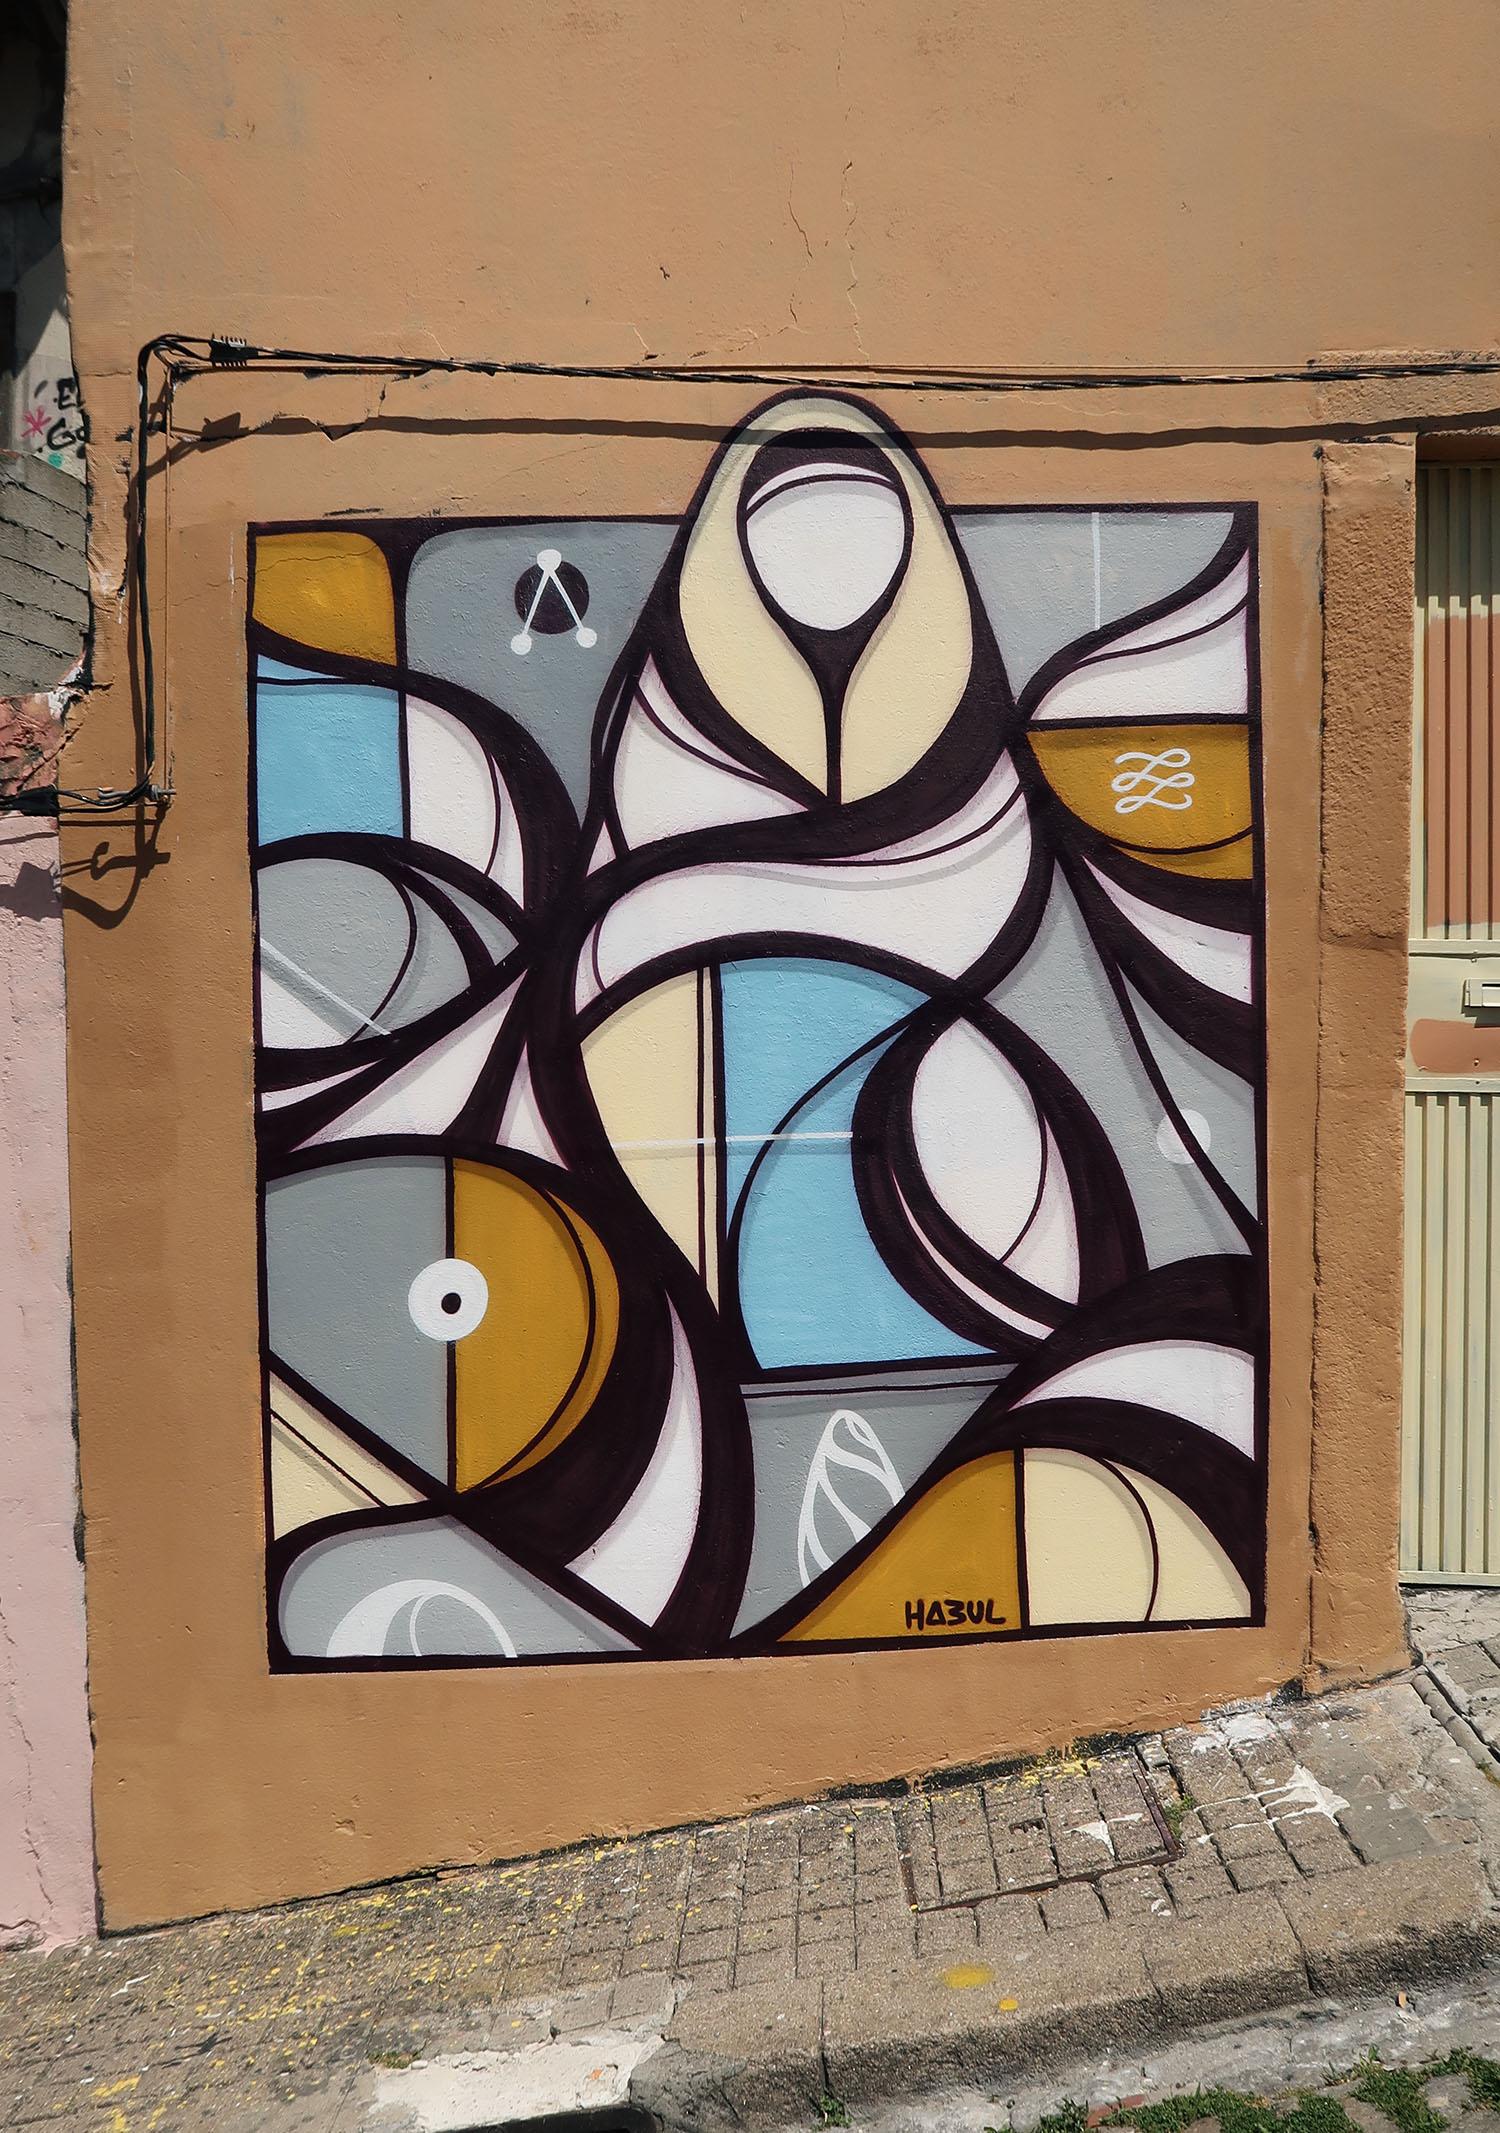 hazul street art graffiti